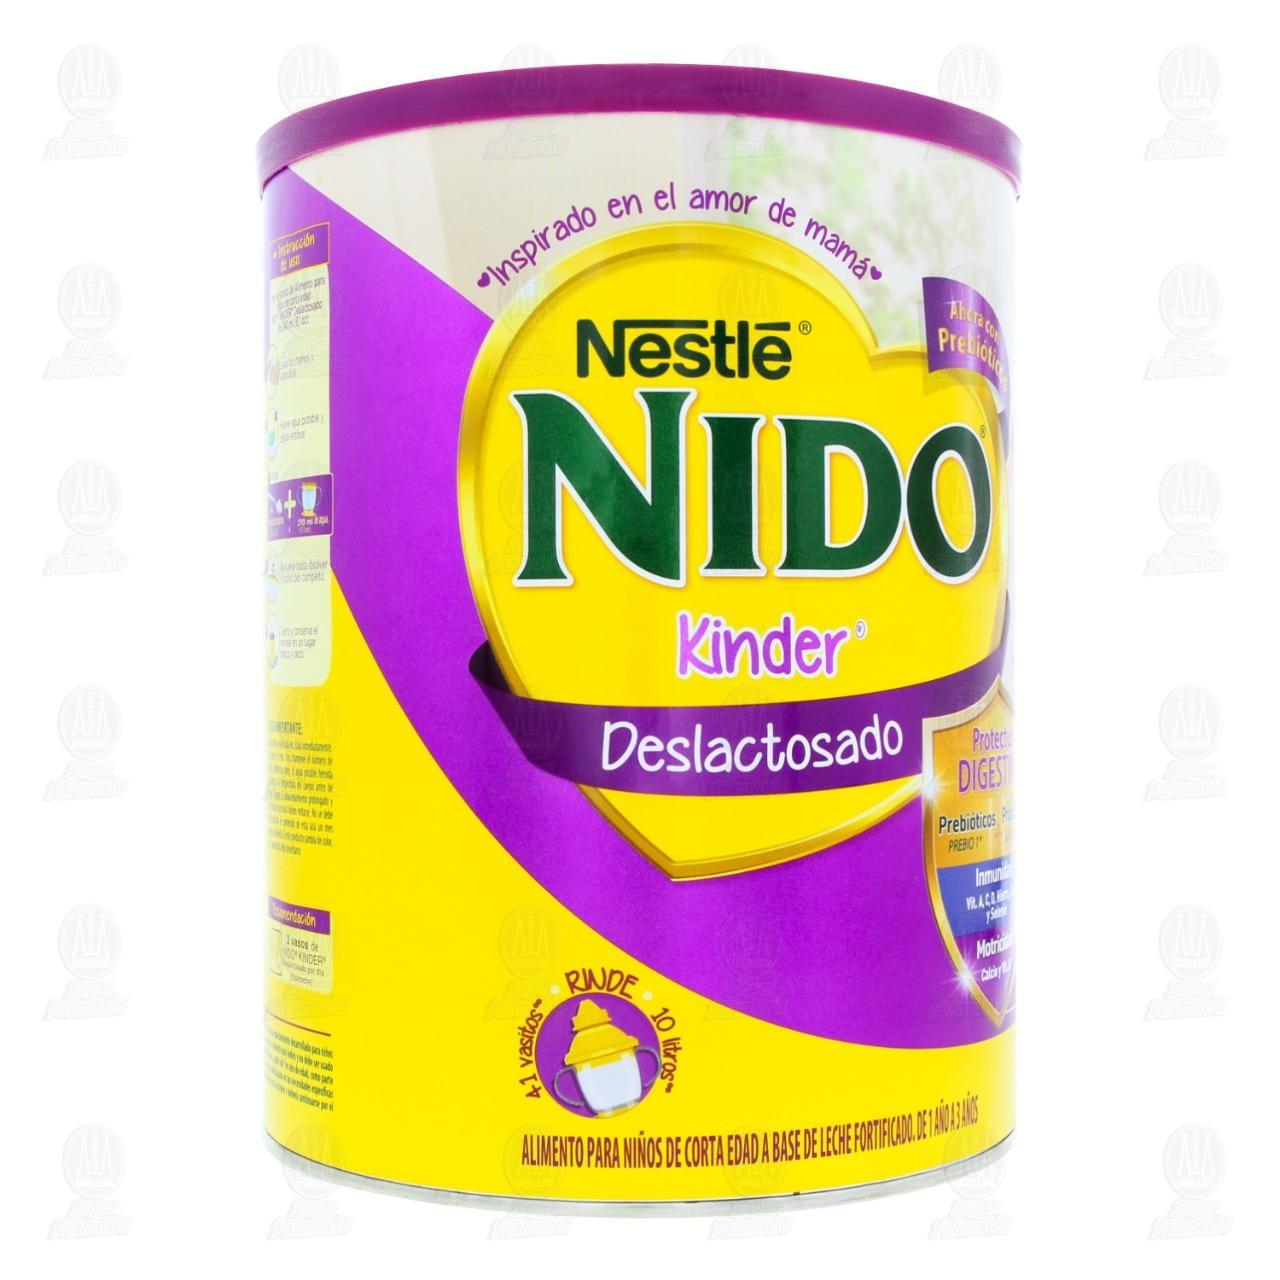 Comprar Alimento para Niños Nido Kinder Deslactosado (Edad 1 a 3 Años), 1.5 kg. en Farmacias Guadalajara